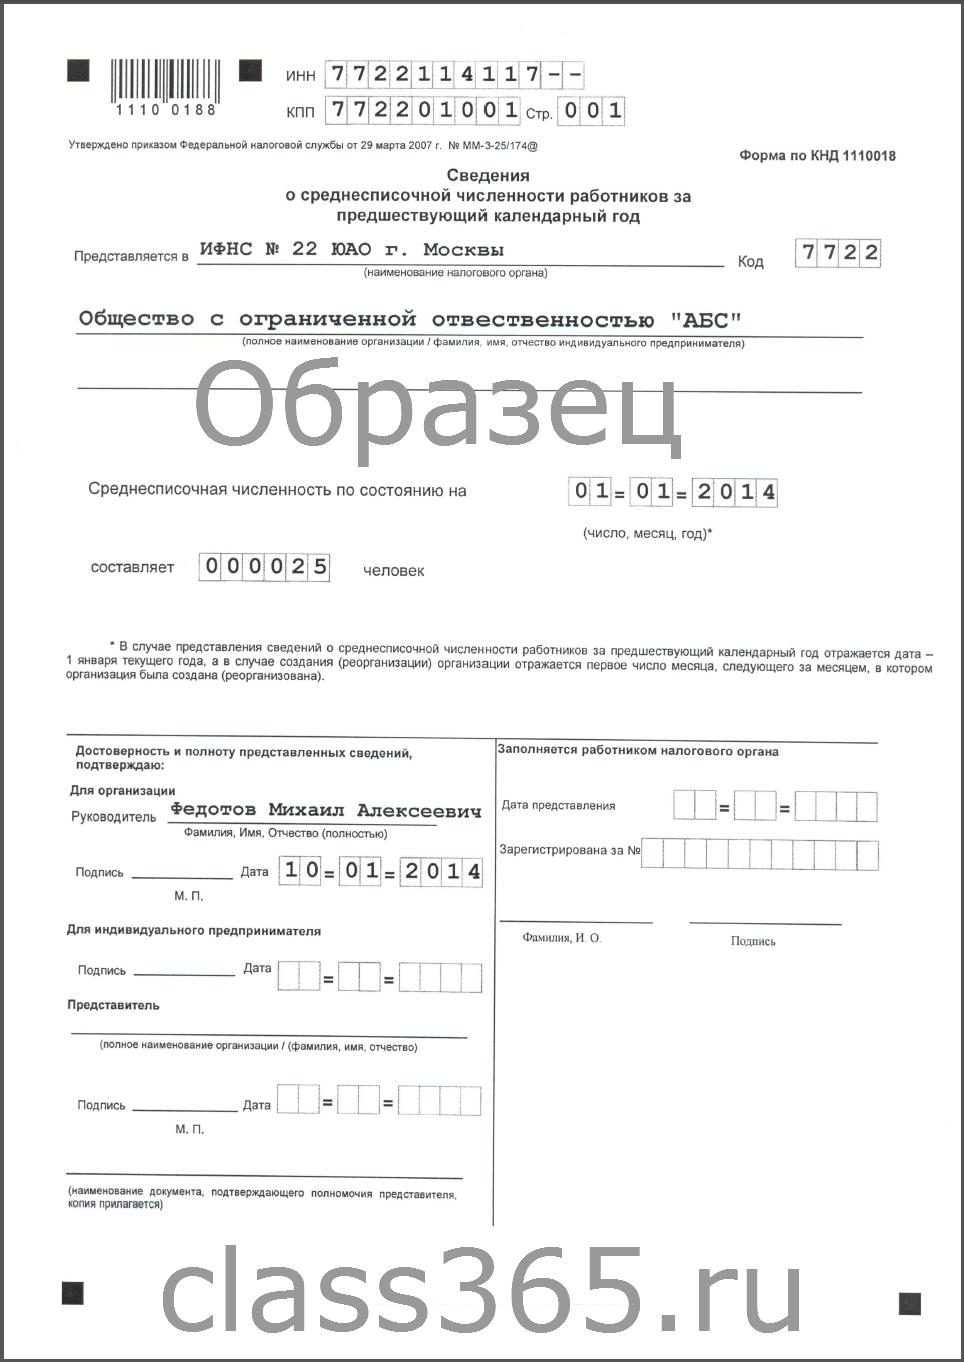 форма по кнд 1150040 образец заполнения